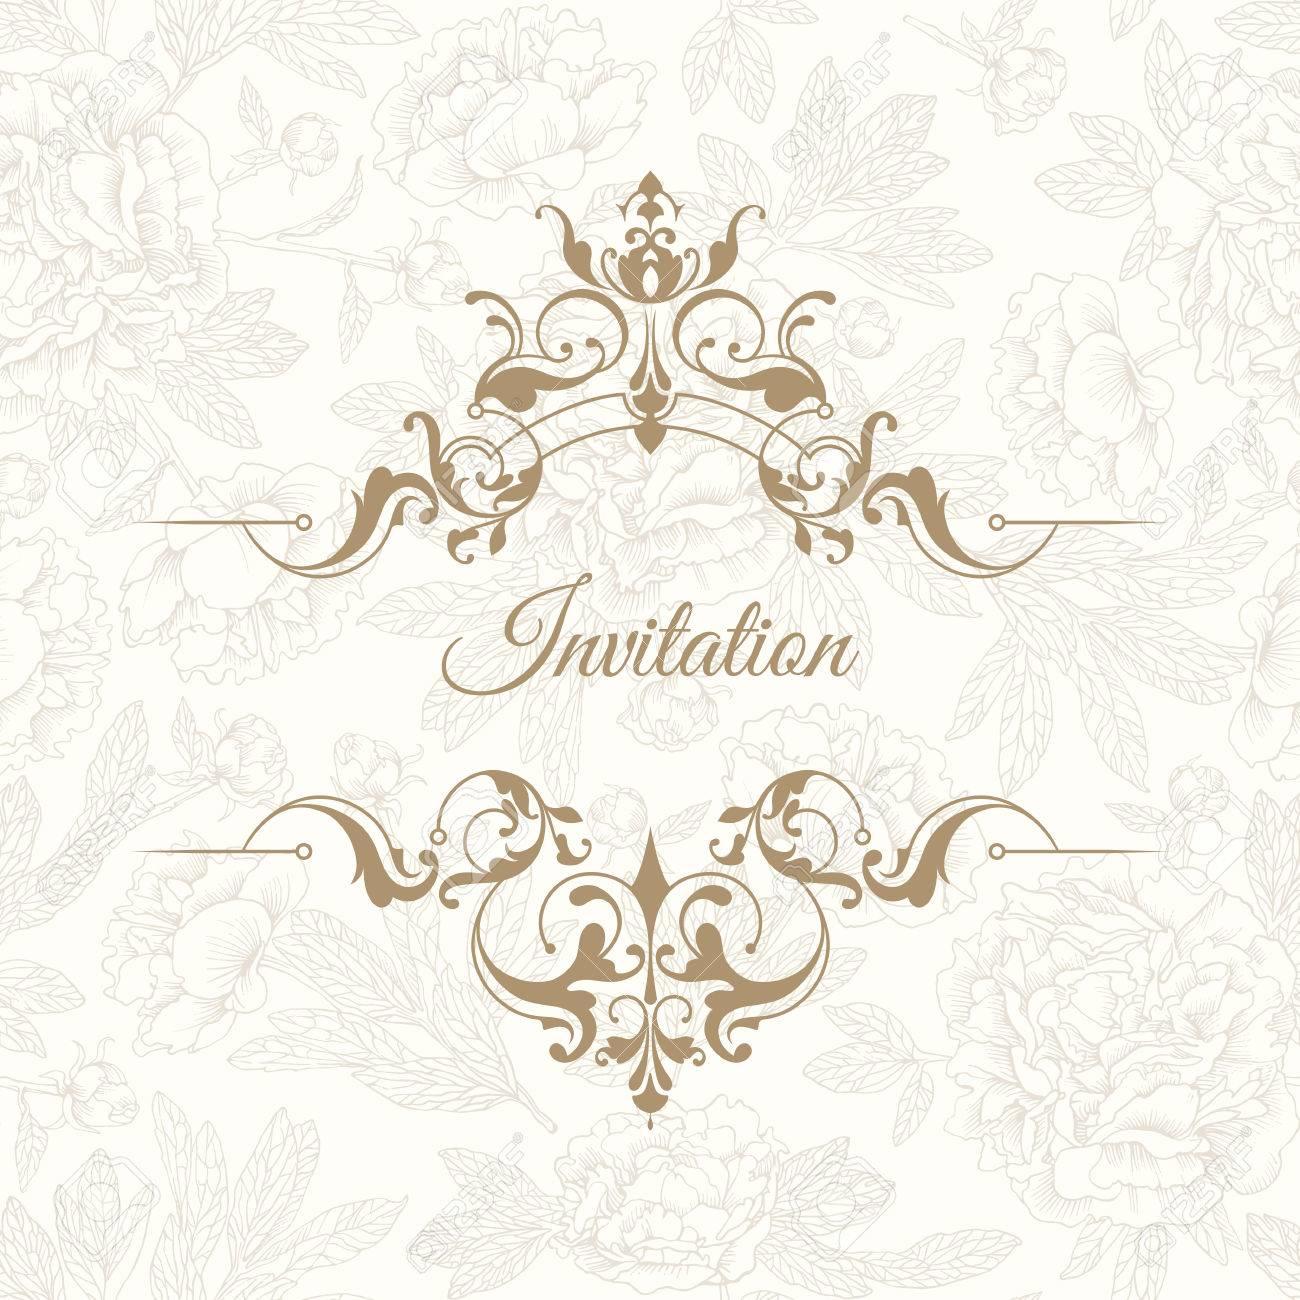 Vorlage Für Grußkarten, Einladungen, Speisekarten, Schilder, Logos ...